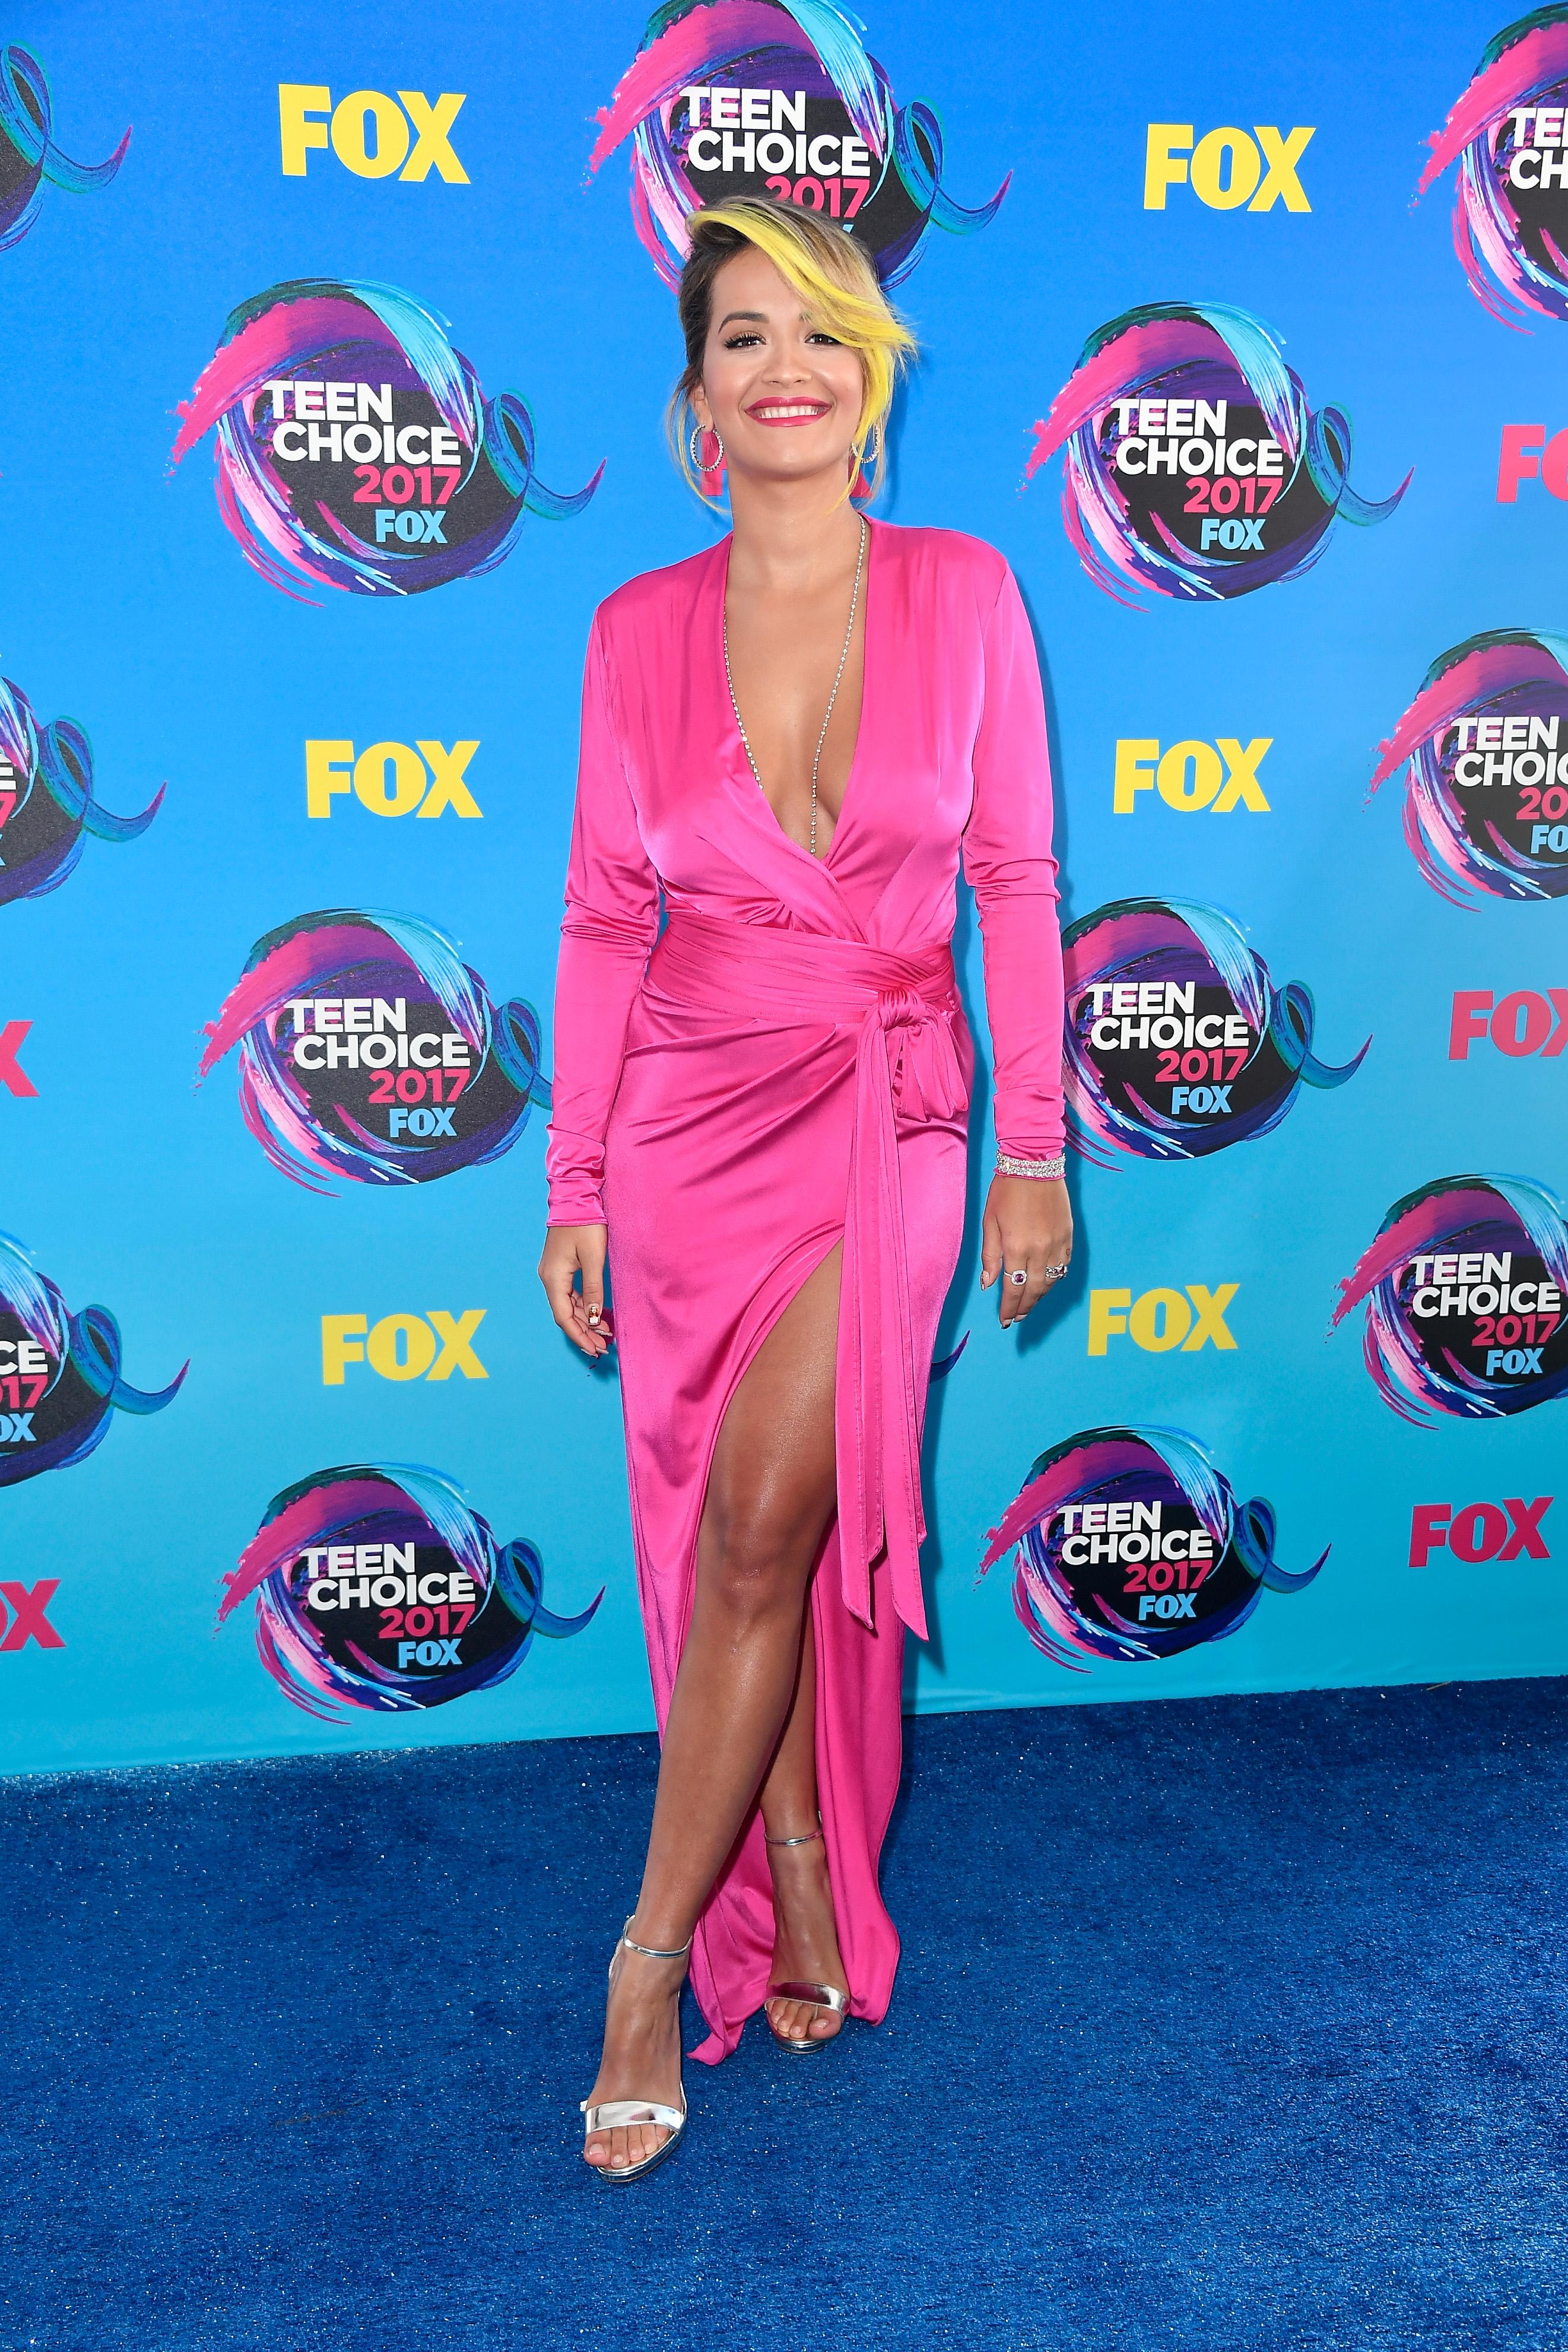 Teen Choice Awards 2017 - Rita Ora